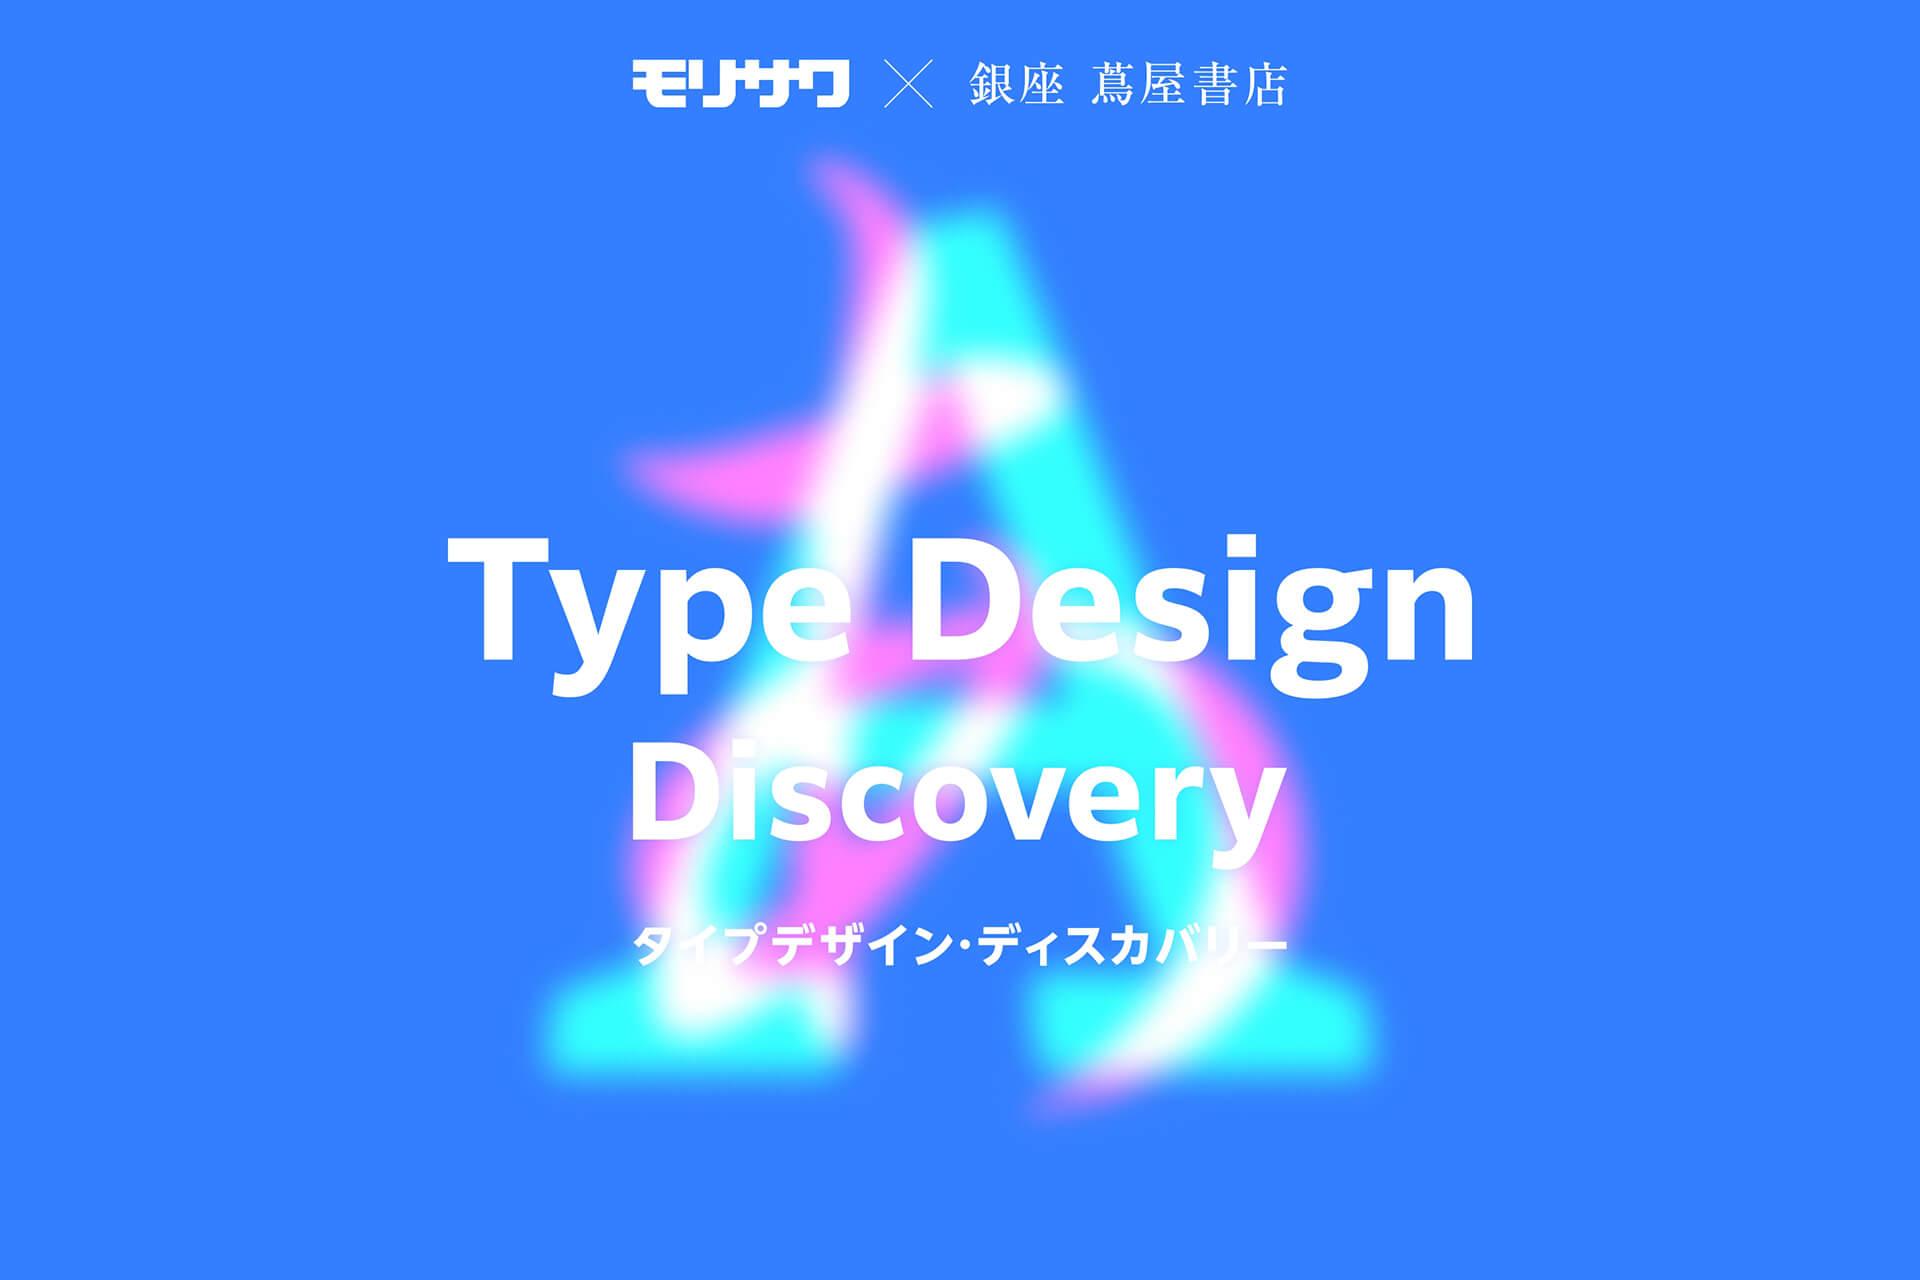 モリサワ × 銀座 蔦屋書店 Type Design Discoveryのメインビジュアル